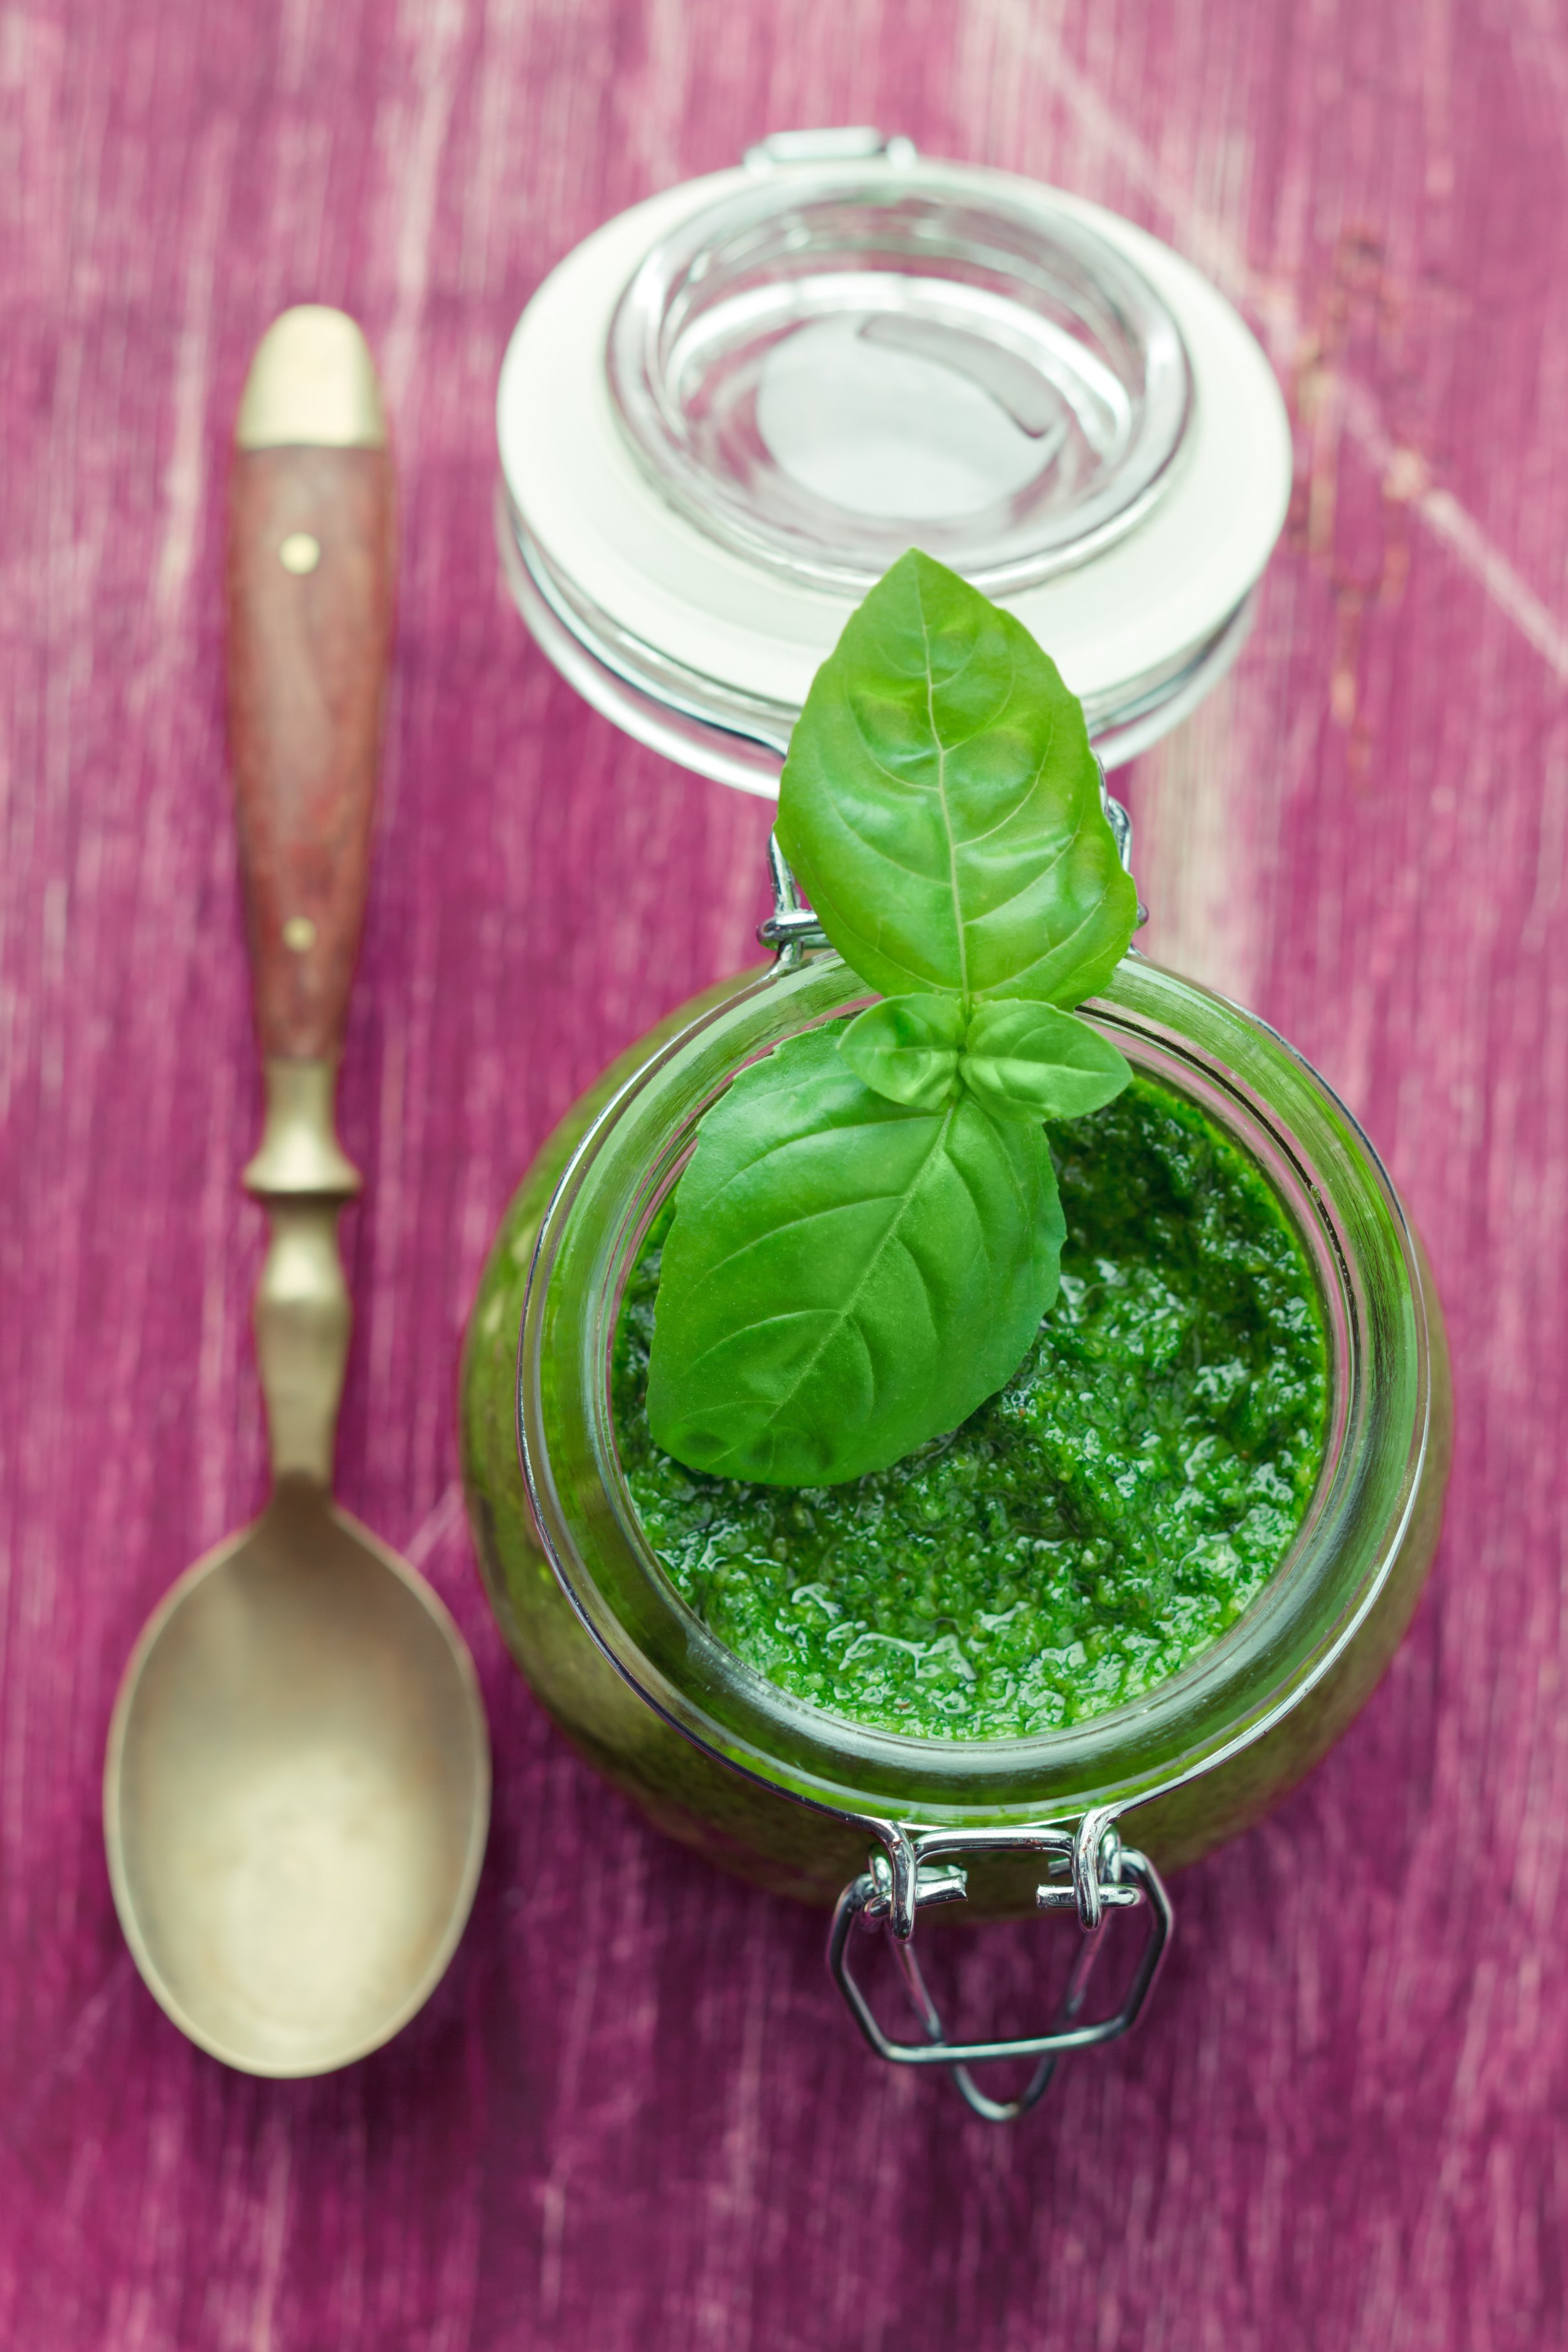 Pesto in glass jar